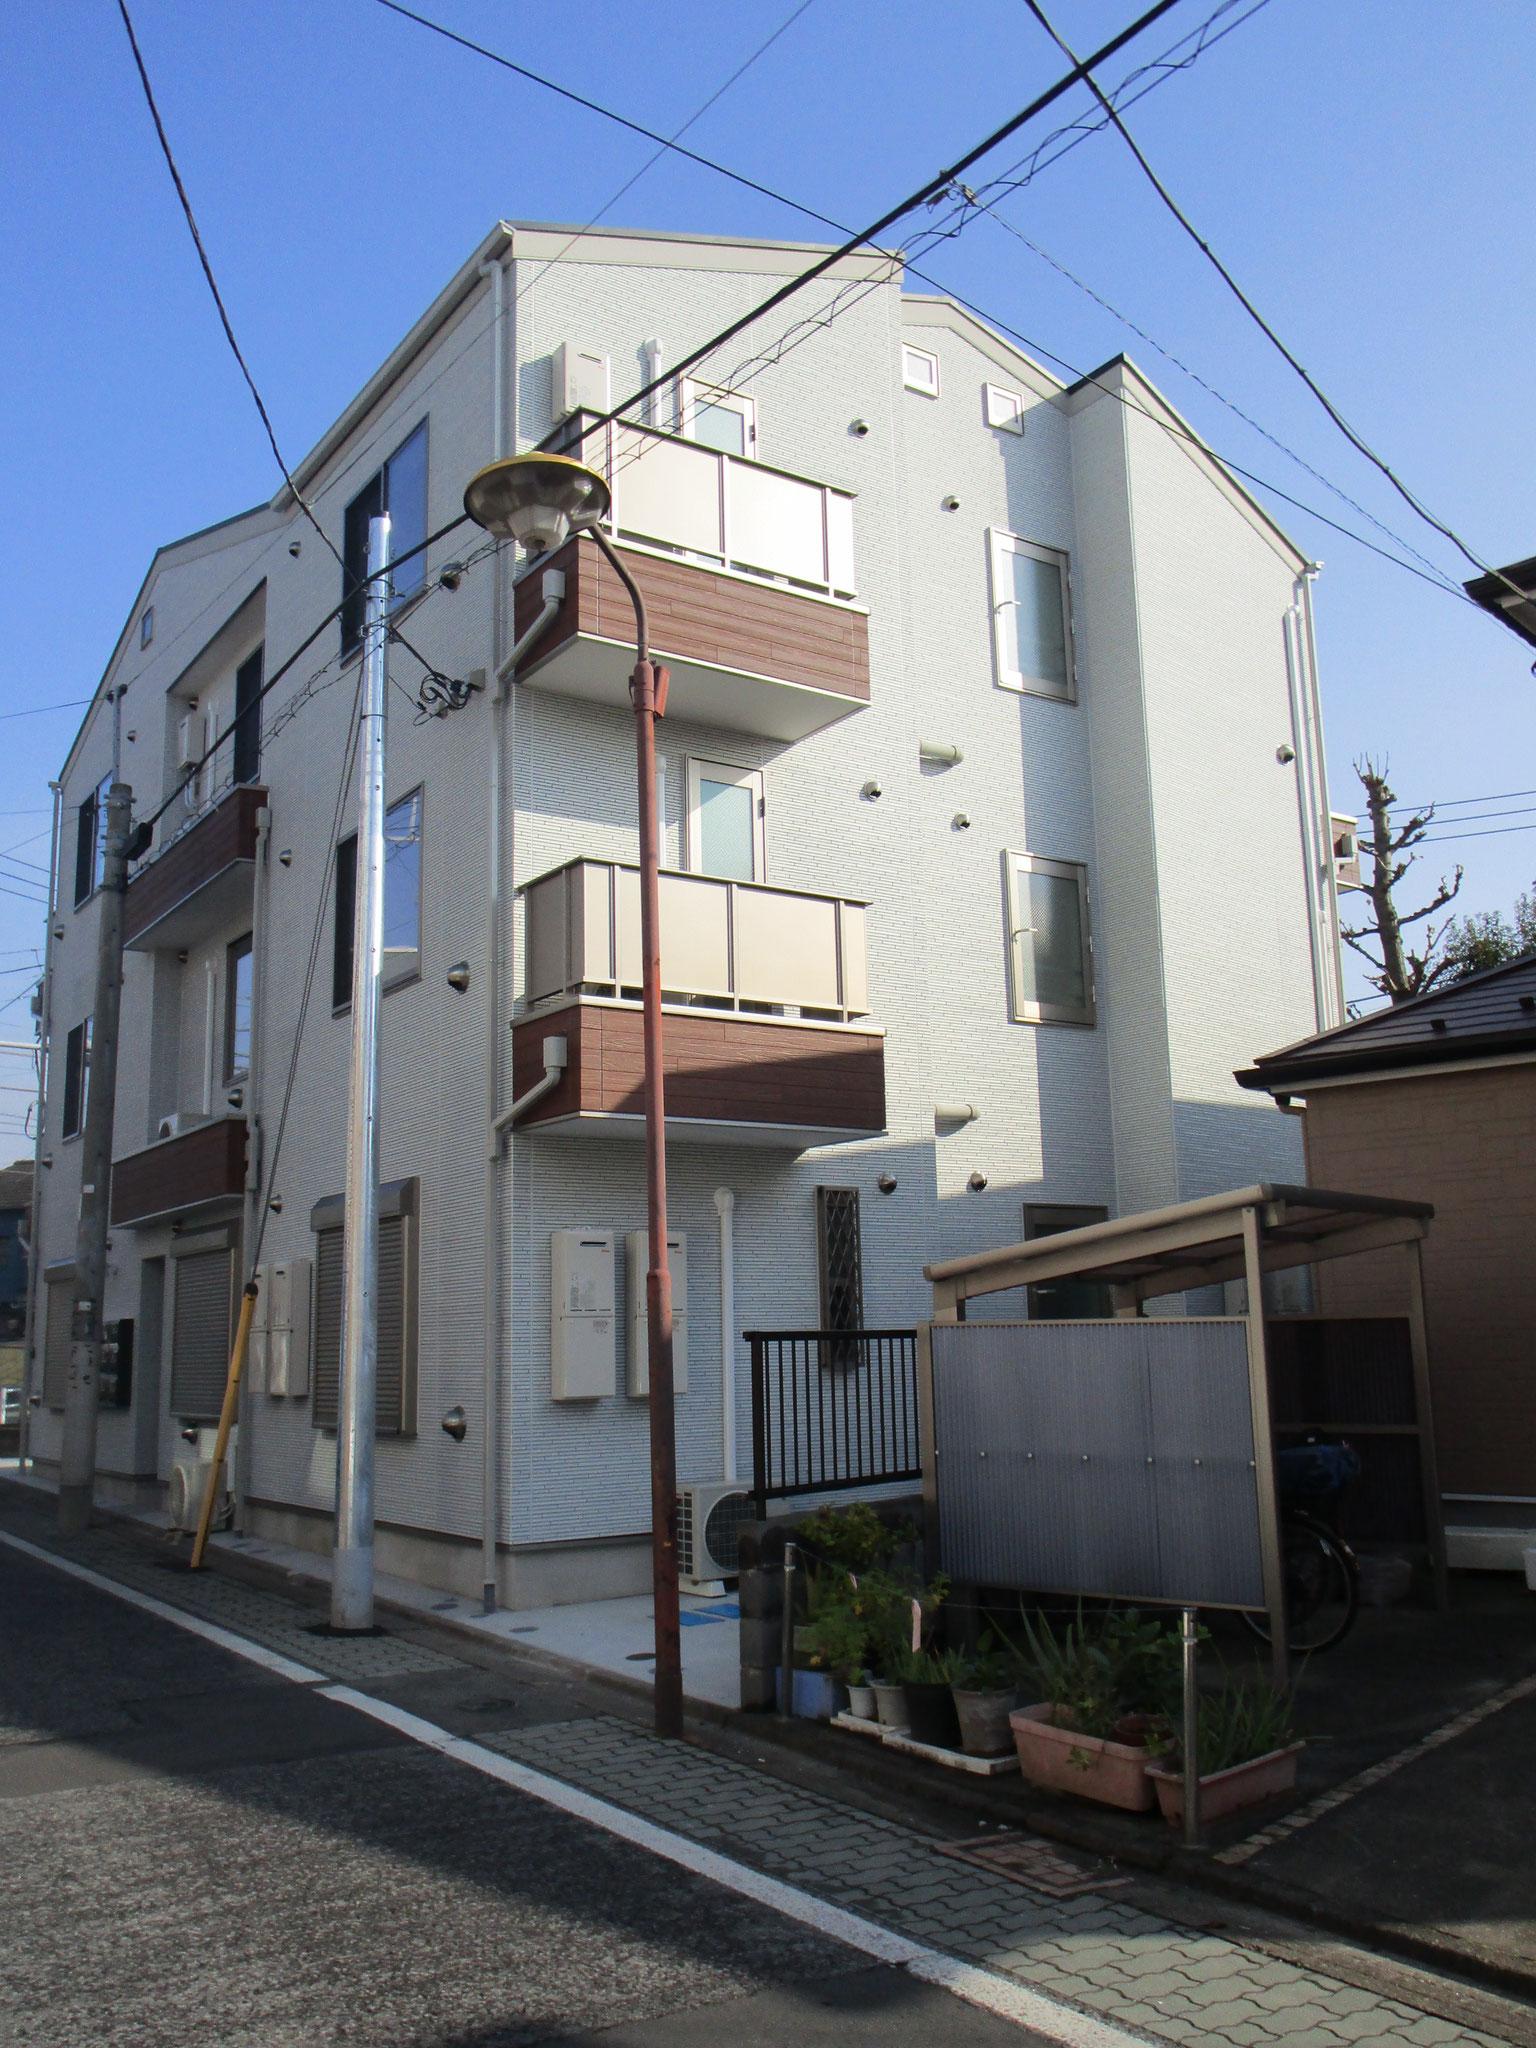 京浜急行線「京急蒲田」駅より「キネマ通り商店街」を直進です